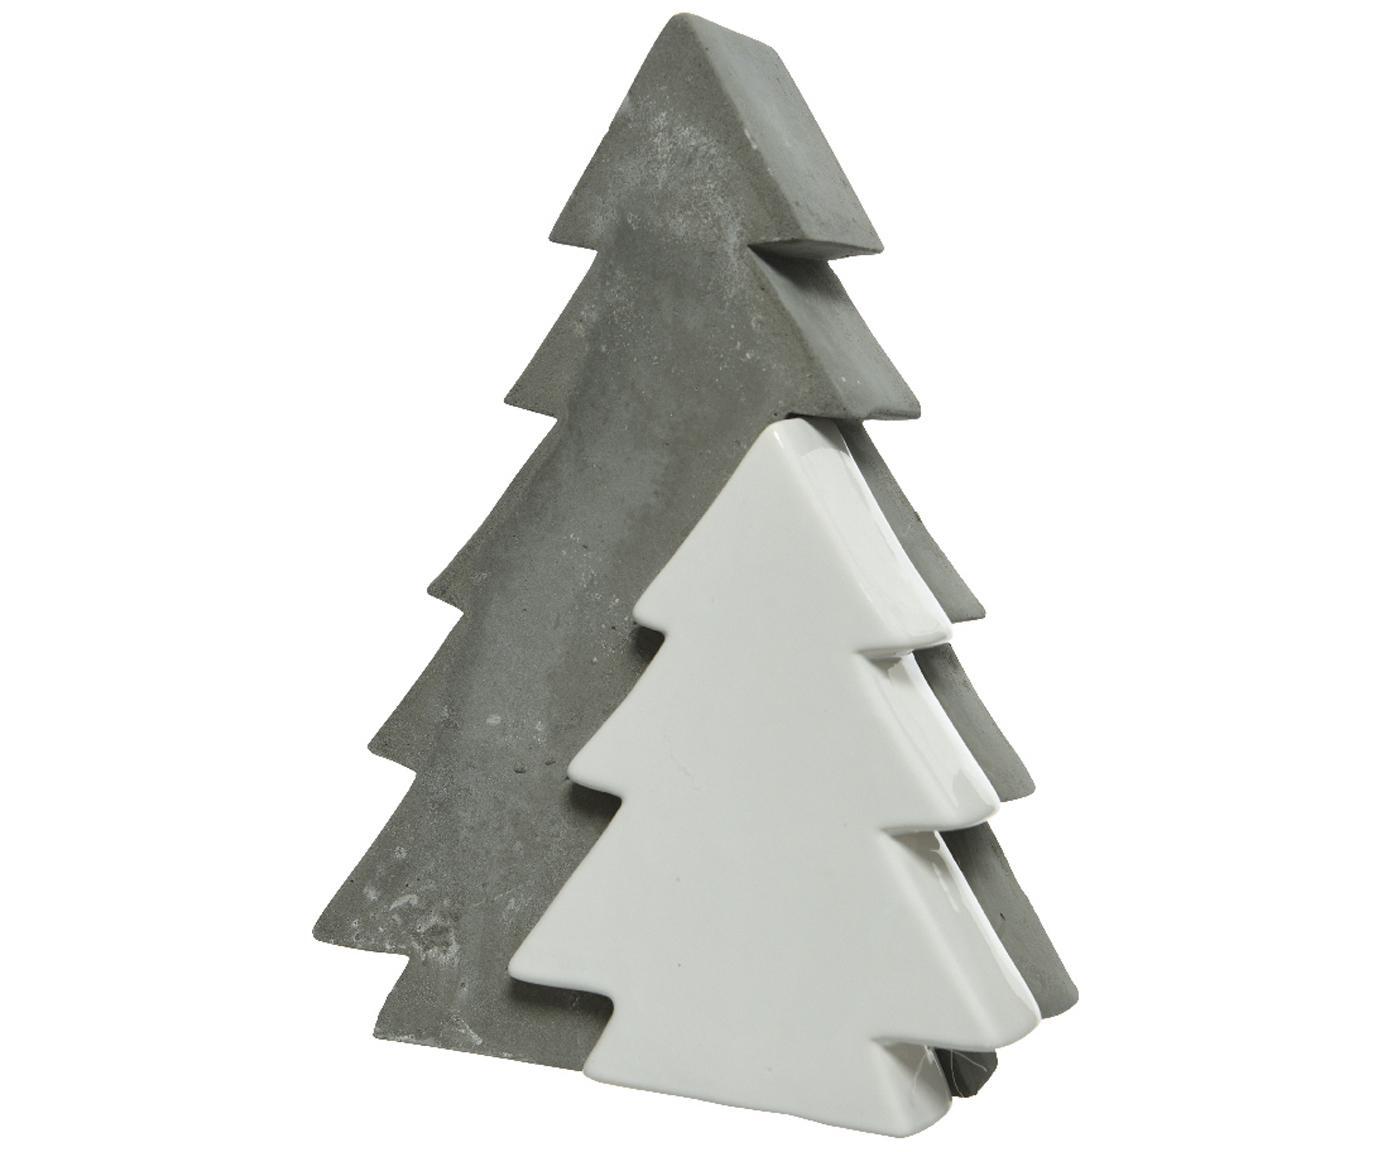 Deko-Objekt Joseph, Zement, teilweise beschichtet, Grau, Weiß, 14 x 22 cm